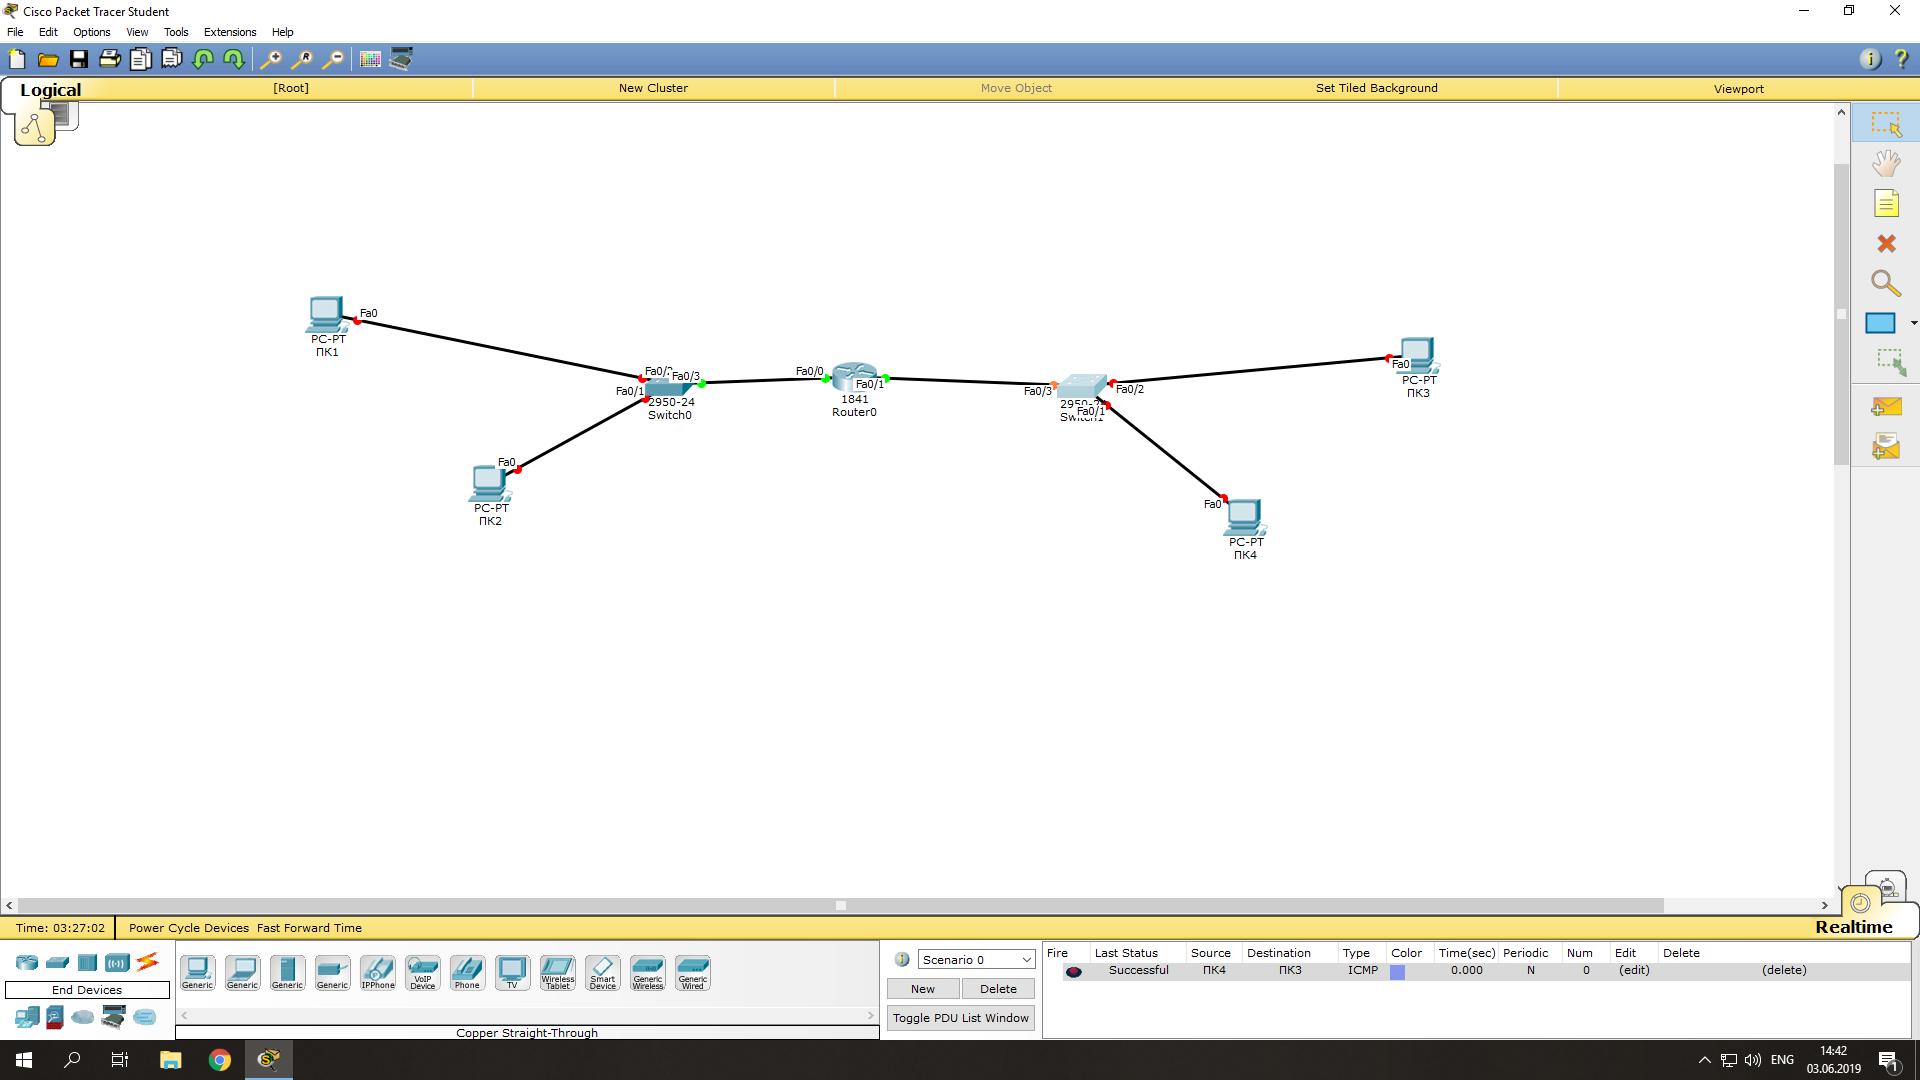 настройка IP адресов оборудования в Cisco Packet Tracer